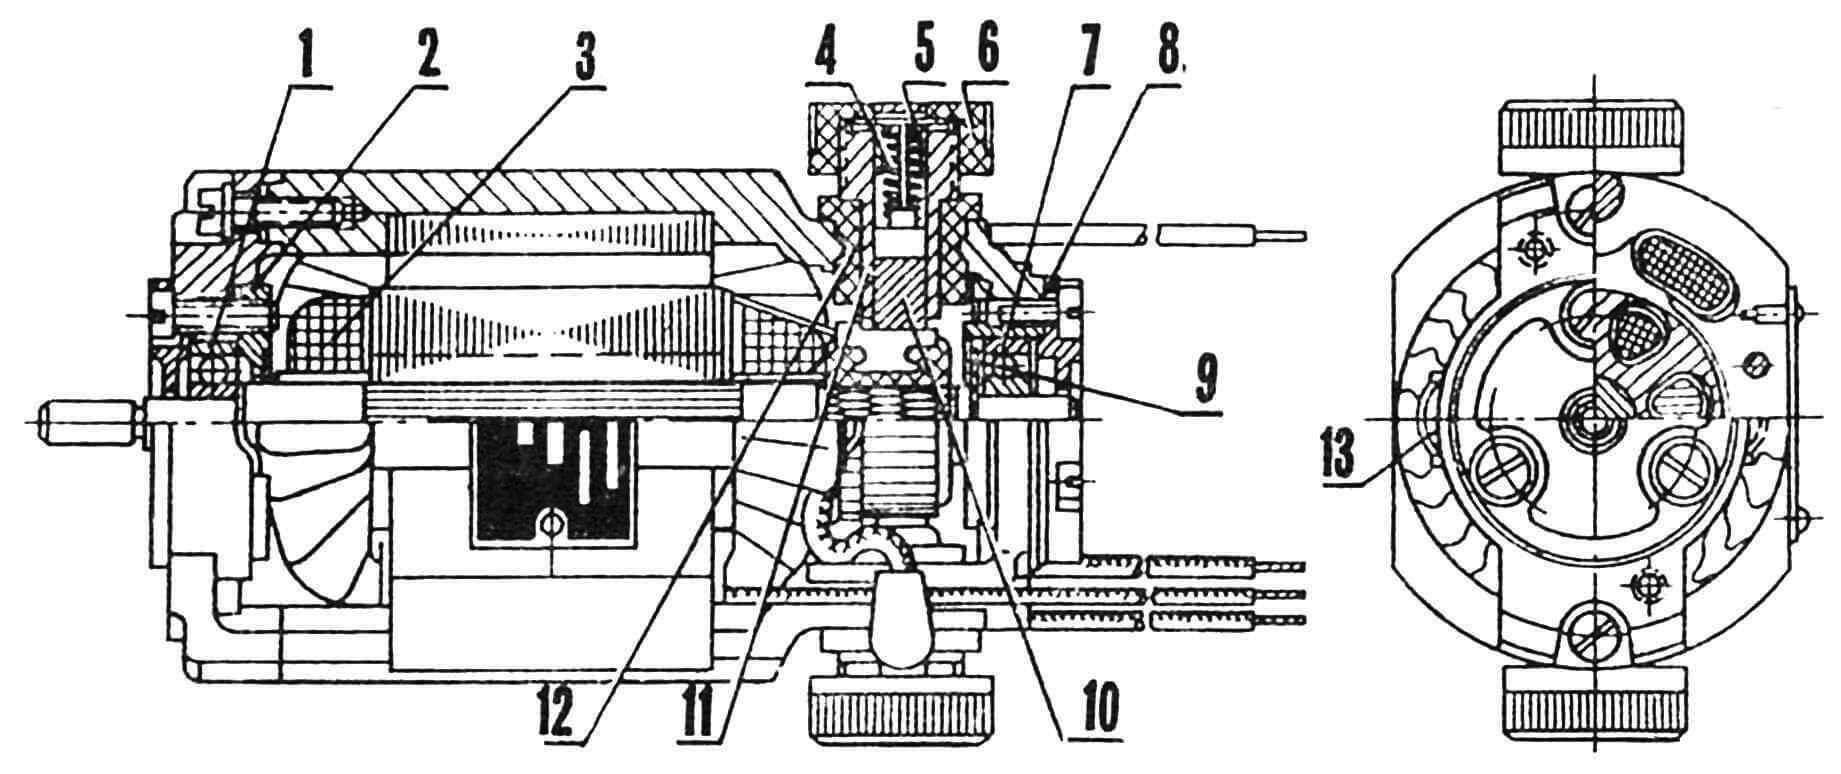 Электродвигатель серии УВ, используемый во многих конструкциях бытовых пылесосов: 1— подшипник со стороны свободного конца вала; 2 — фланец; 3 — обмотка возбуждения; 4 — пружина; 5 — пластина контактная, 6 — колпачок пластмассовый; 7 — подшипник со стороны коллектора; 8 — фланец; 9 — шайба; 10 — щетка; 11 — обойма; 12 — втулка пластмассовая; 13 — скоба.